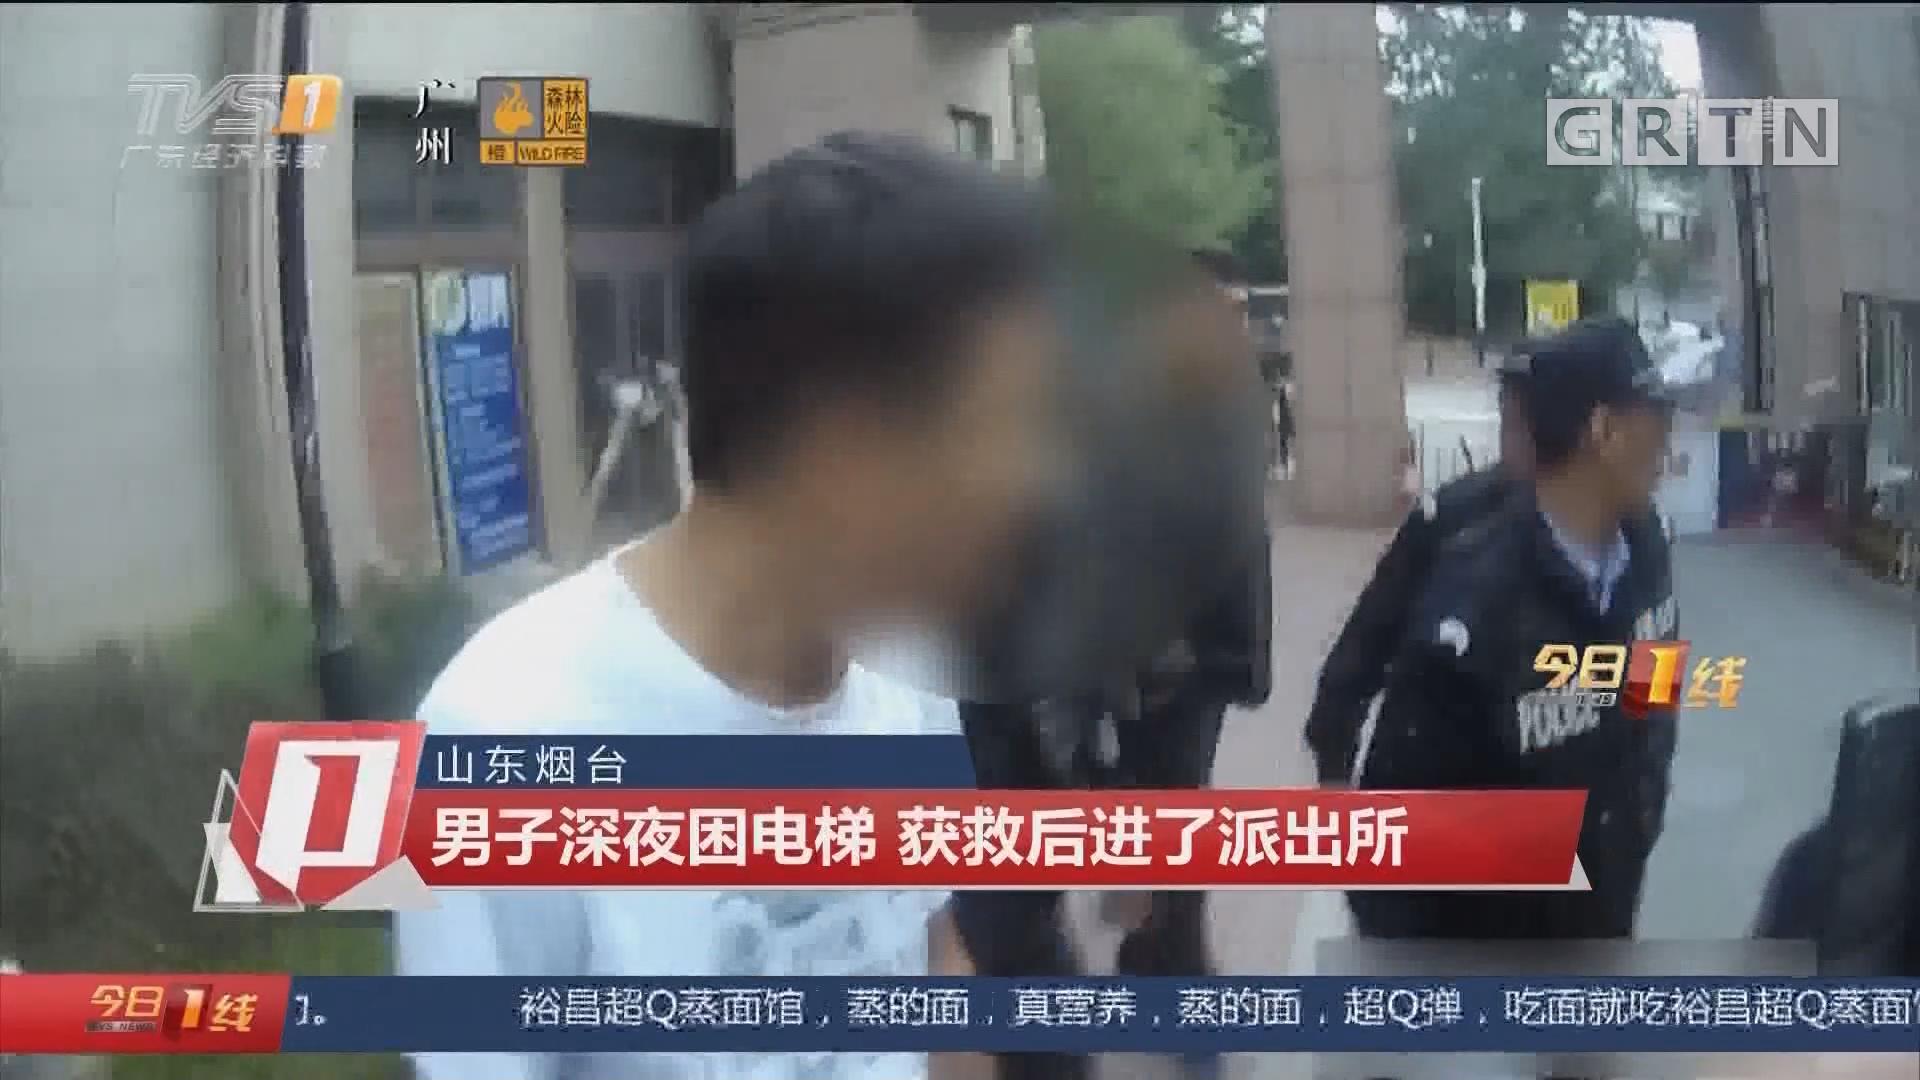 山东烟台:男子深夜困电梯 获救后进了派出所